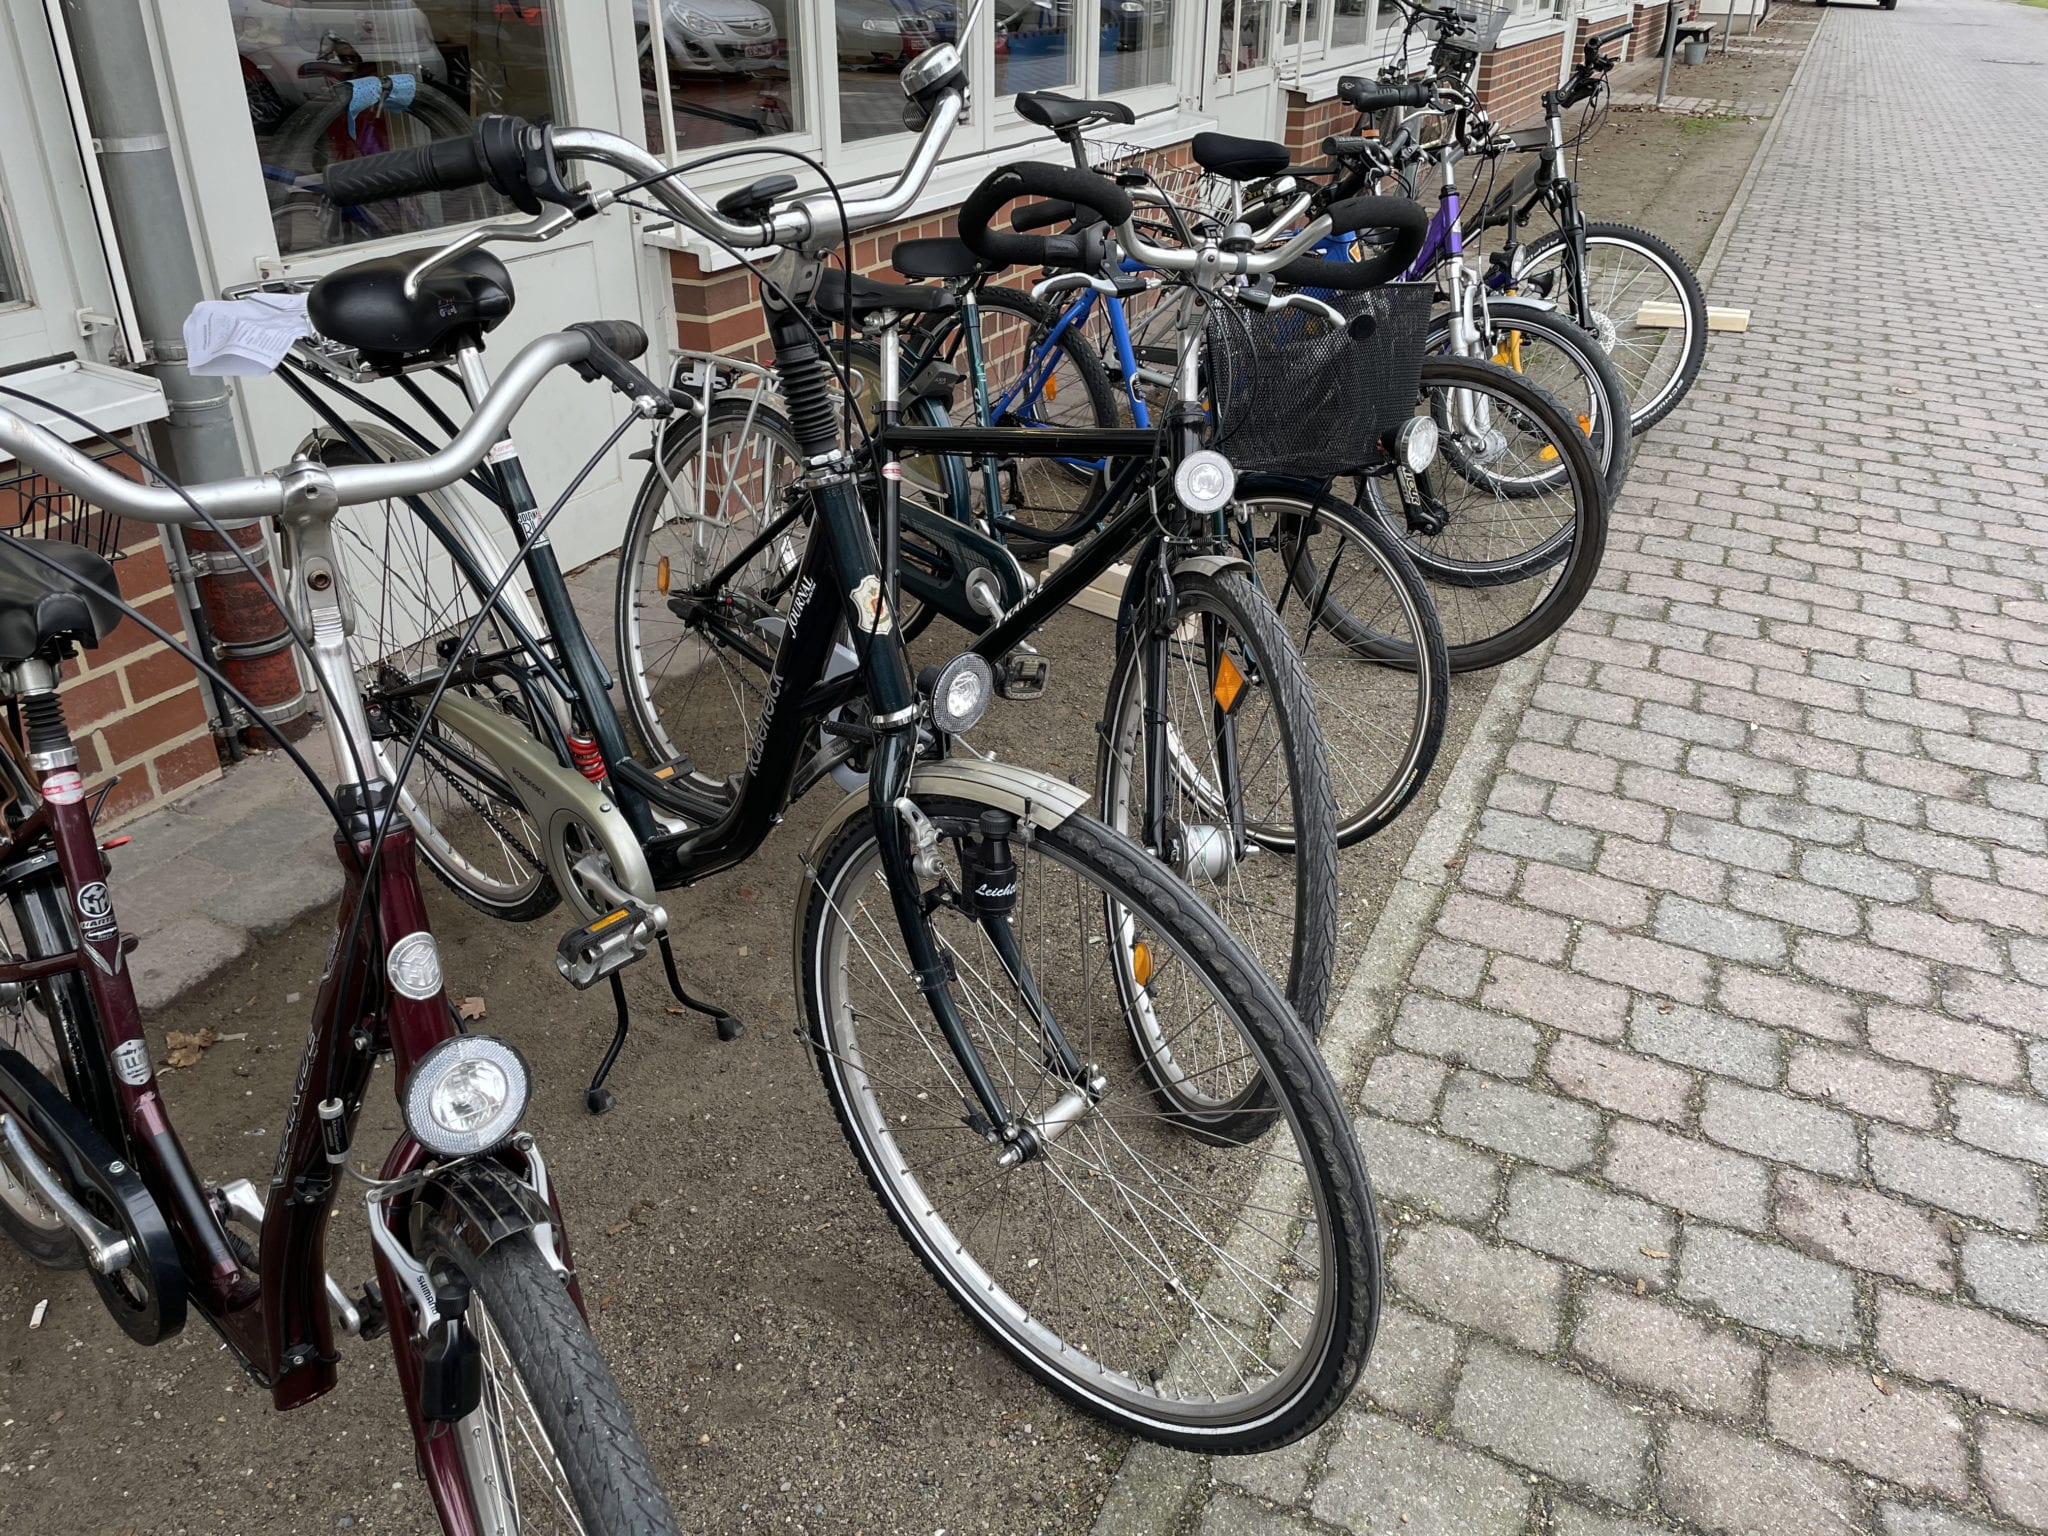 Mehrere gebrauchte Fahrräder stehen hintereinander.